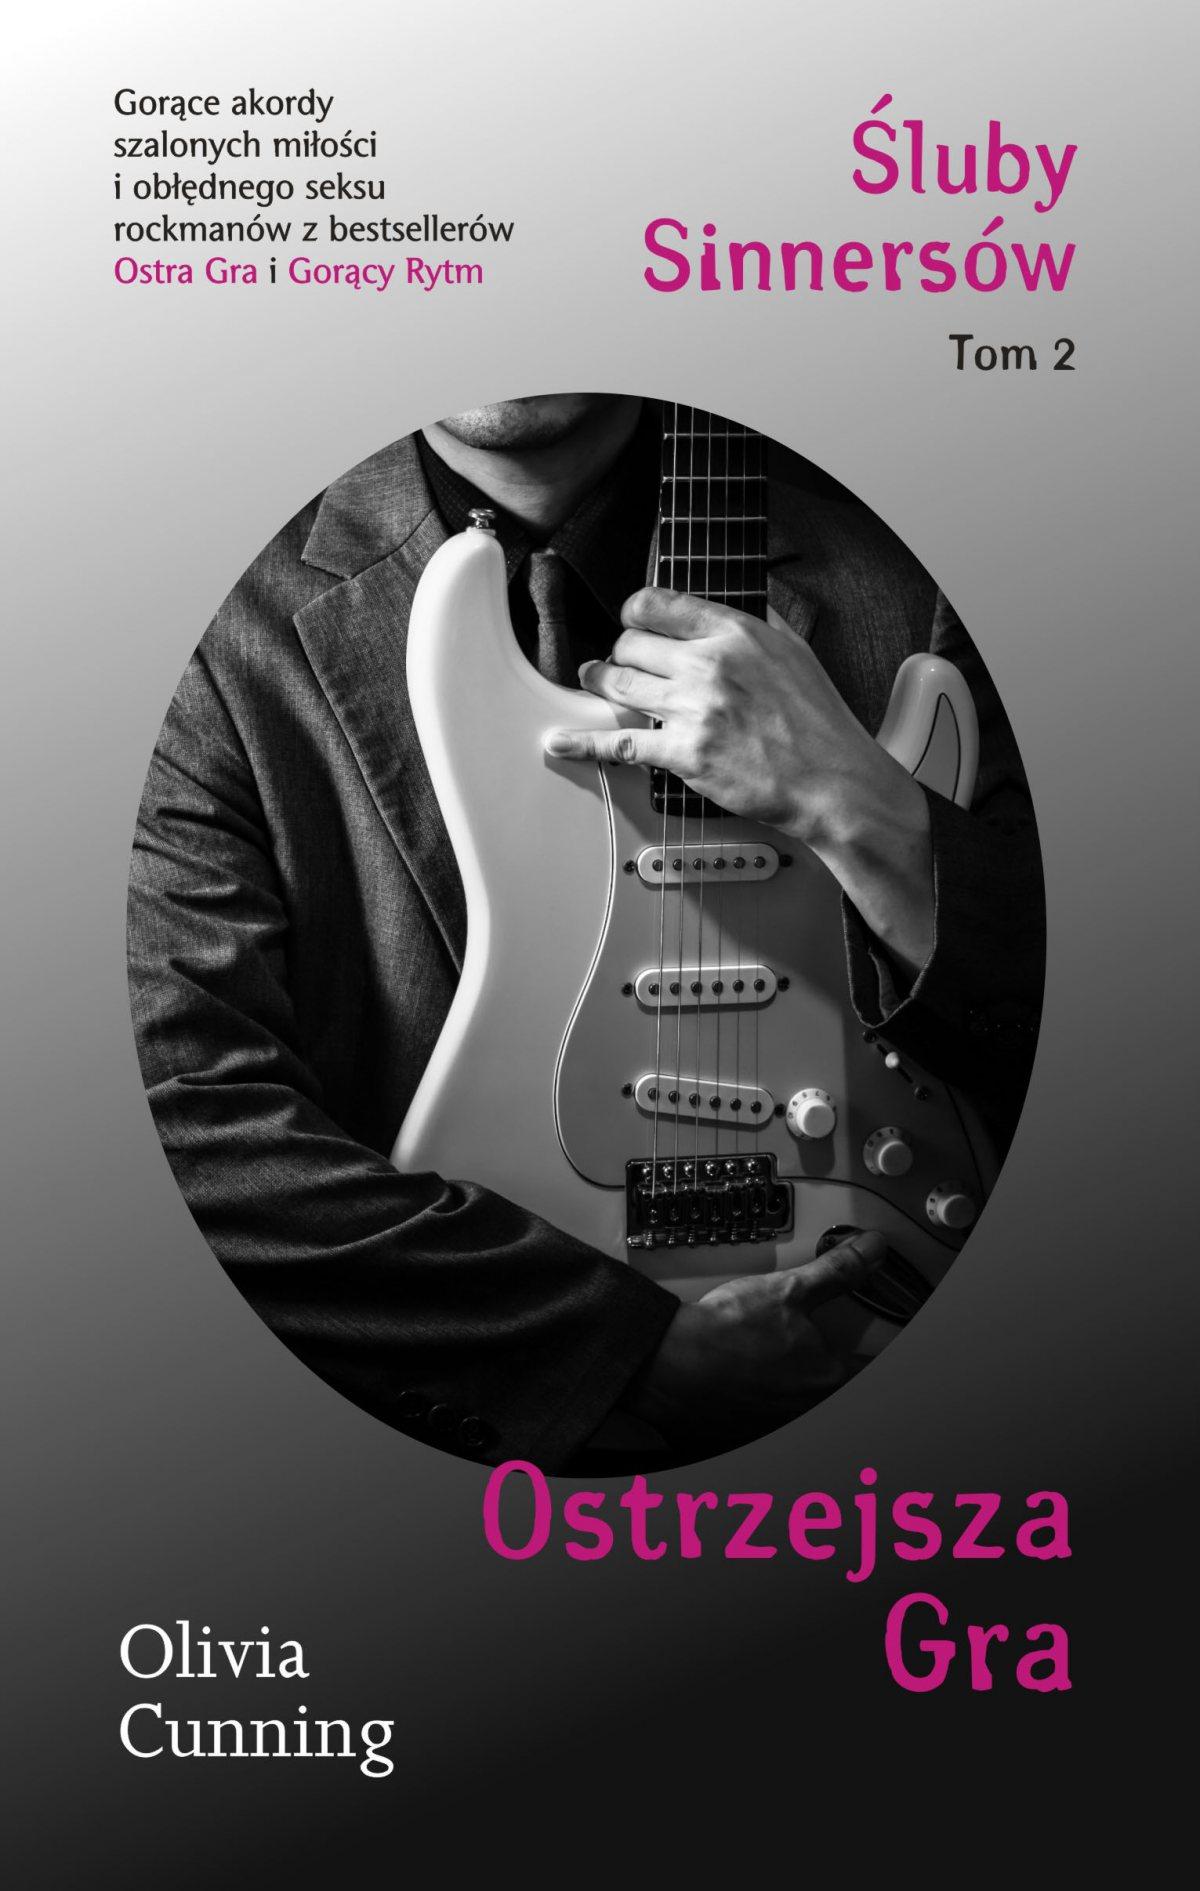 Śluby Sinnersów. Tom 2 Ostrzejsza gra - Ebook (Książka EPUB) do pobrania w formacie EPUB